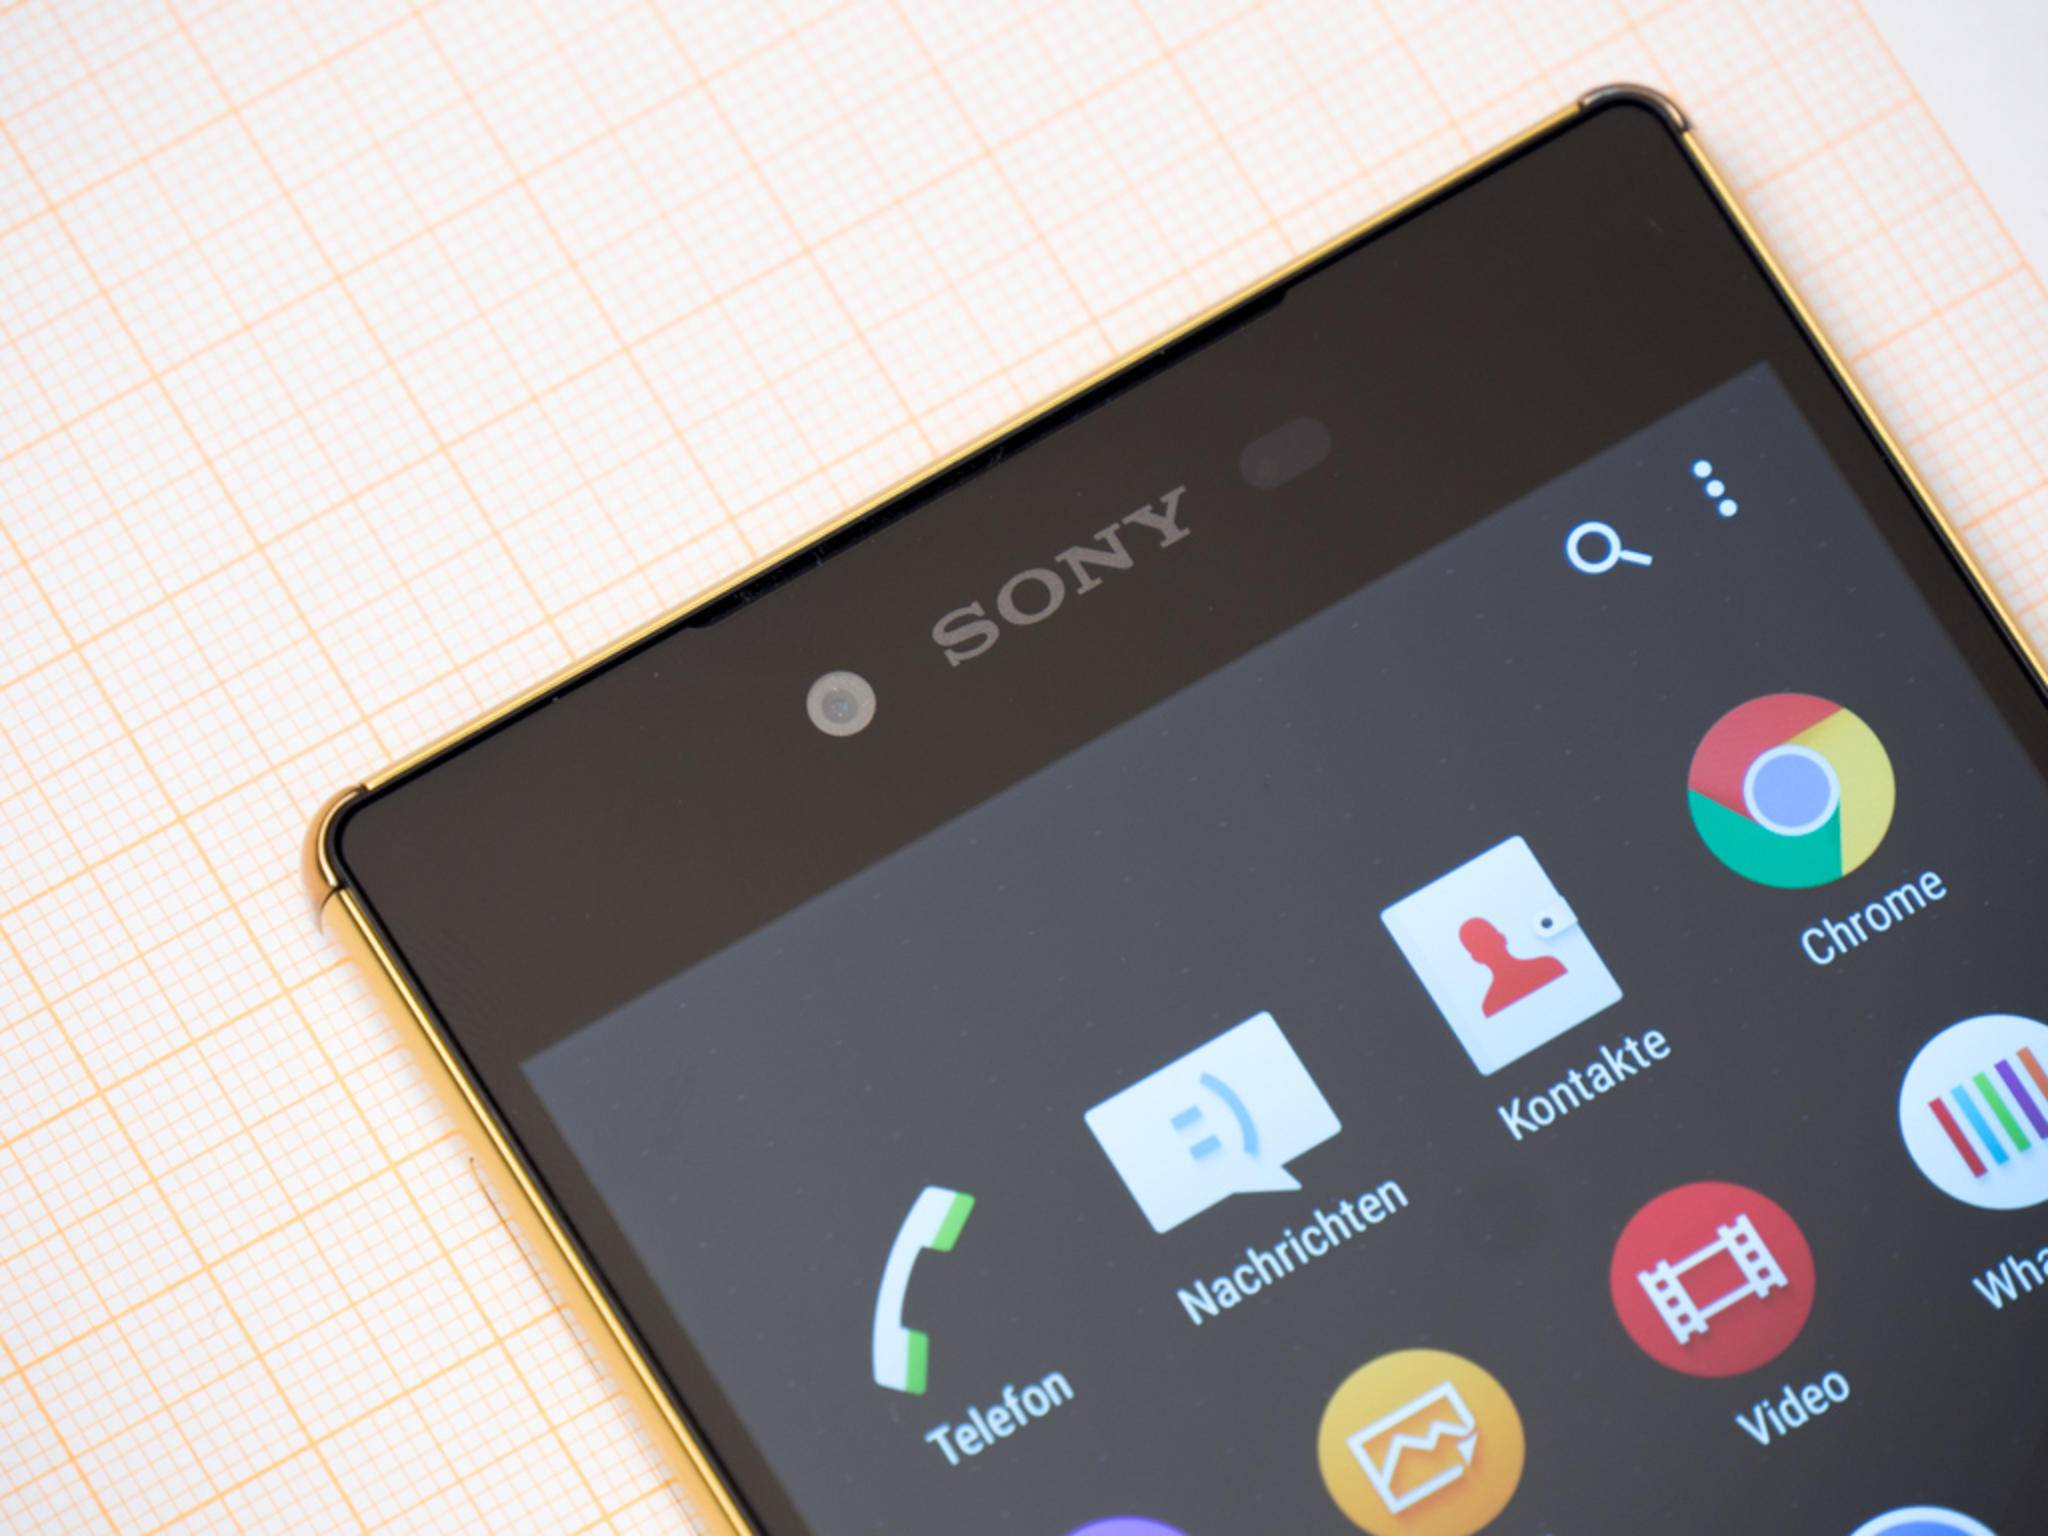 Xperia Z5 Premium und Co. bekommen endlich Android 6.0 Marshmallow.